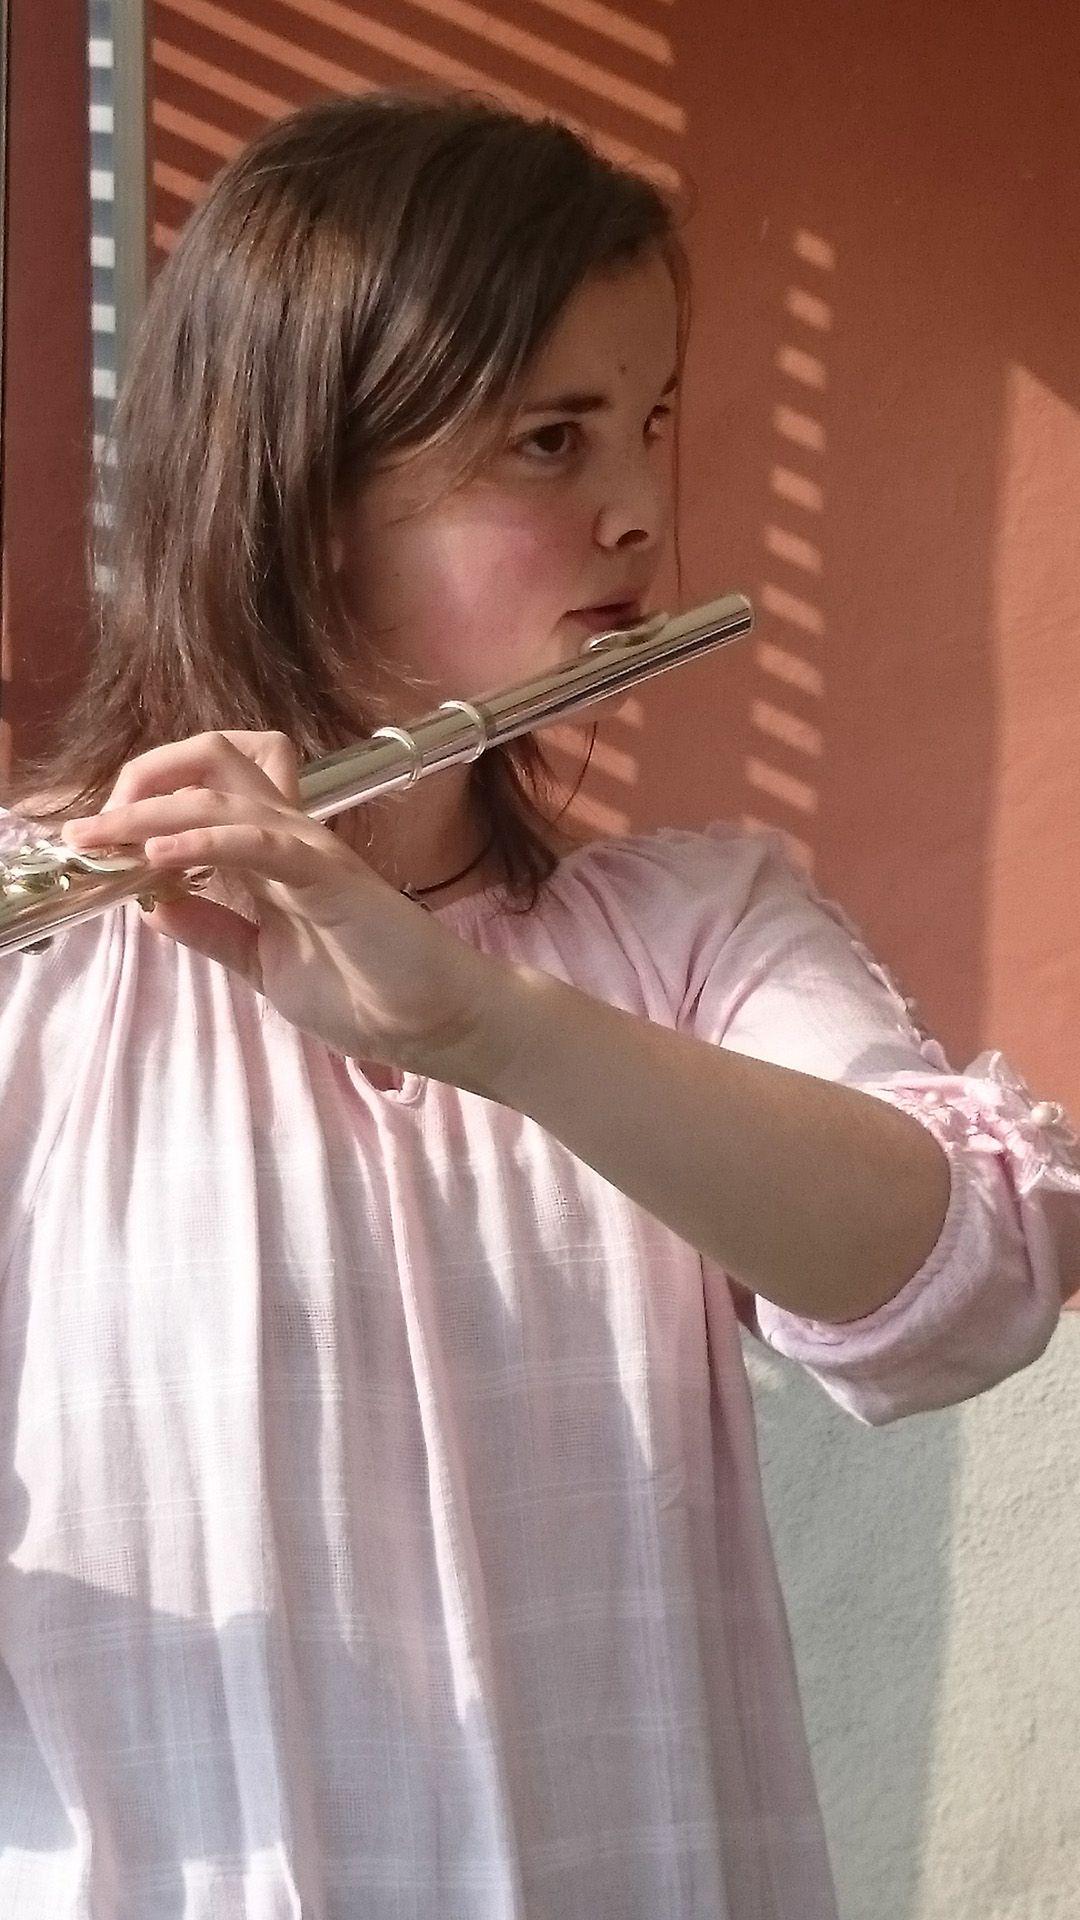 RIVAROLO - Tutti promossi gli allievi dell'associazione liceo musicale